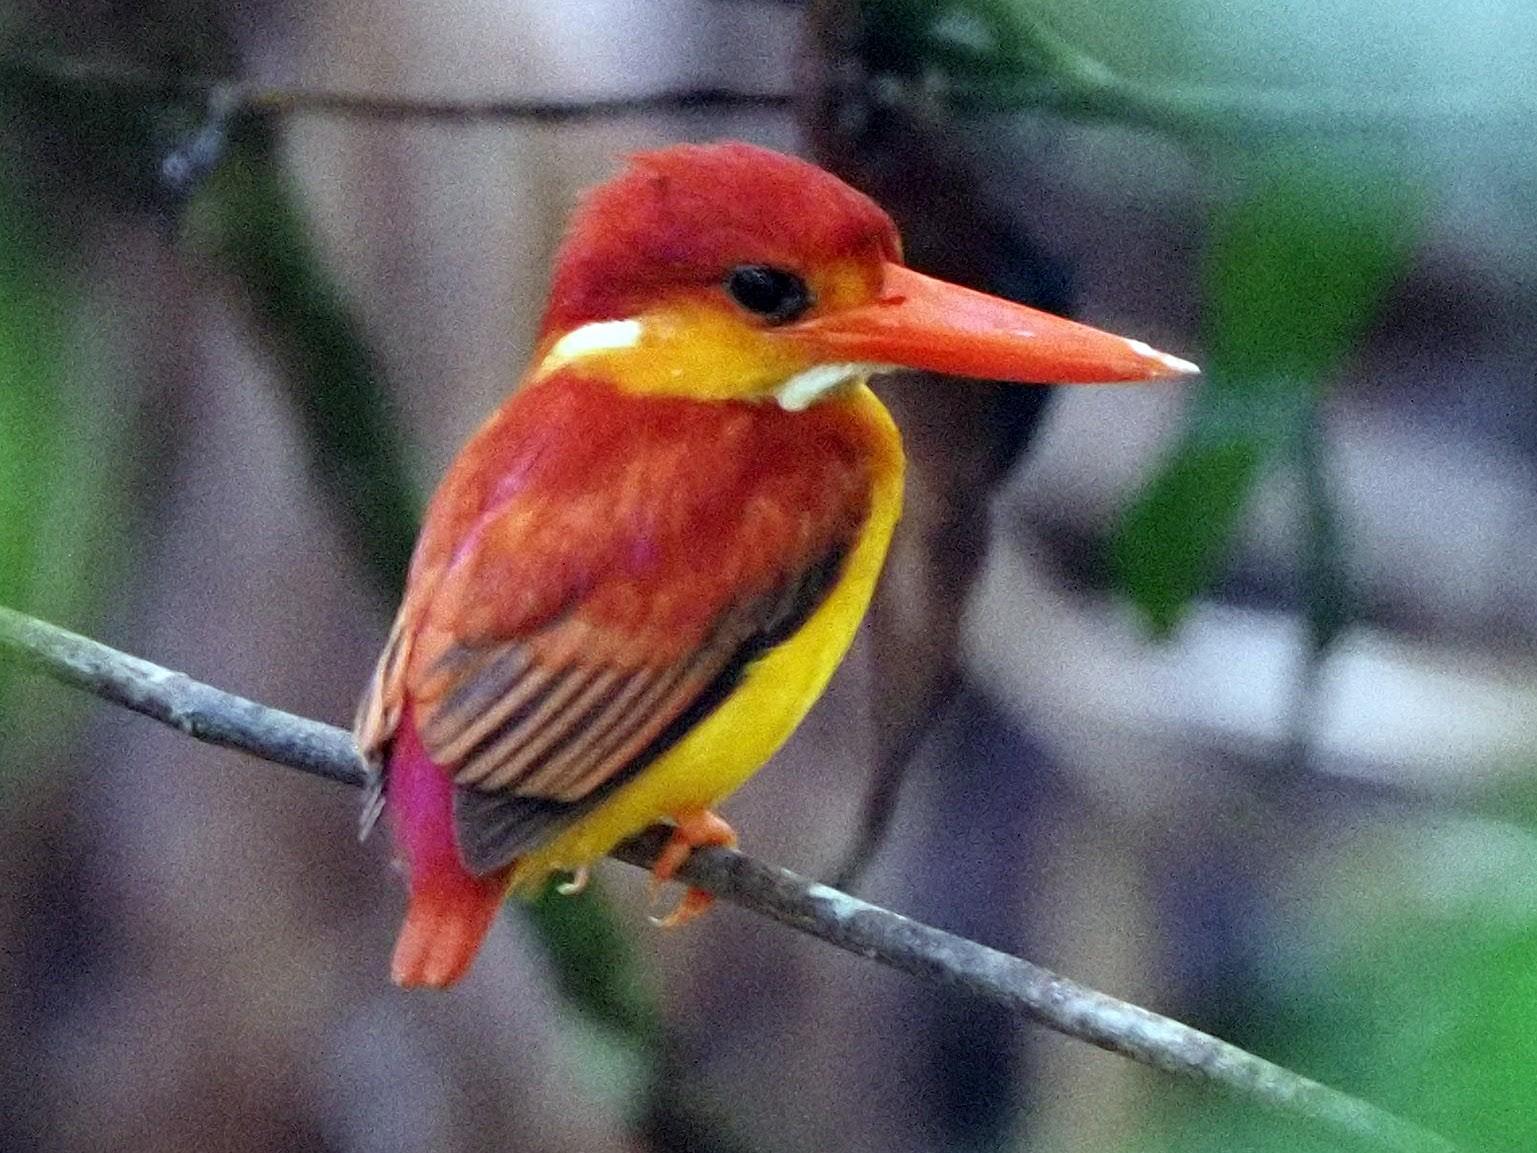 Rufous-backed Dwarf-Kingfisher - Hiew FongOn